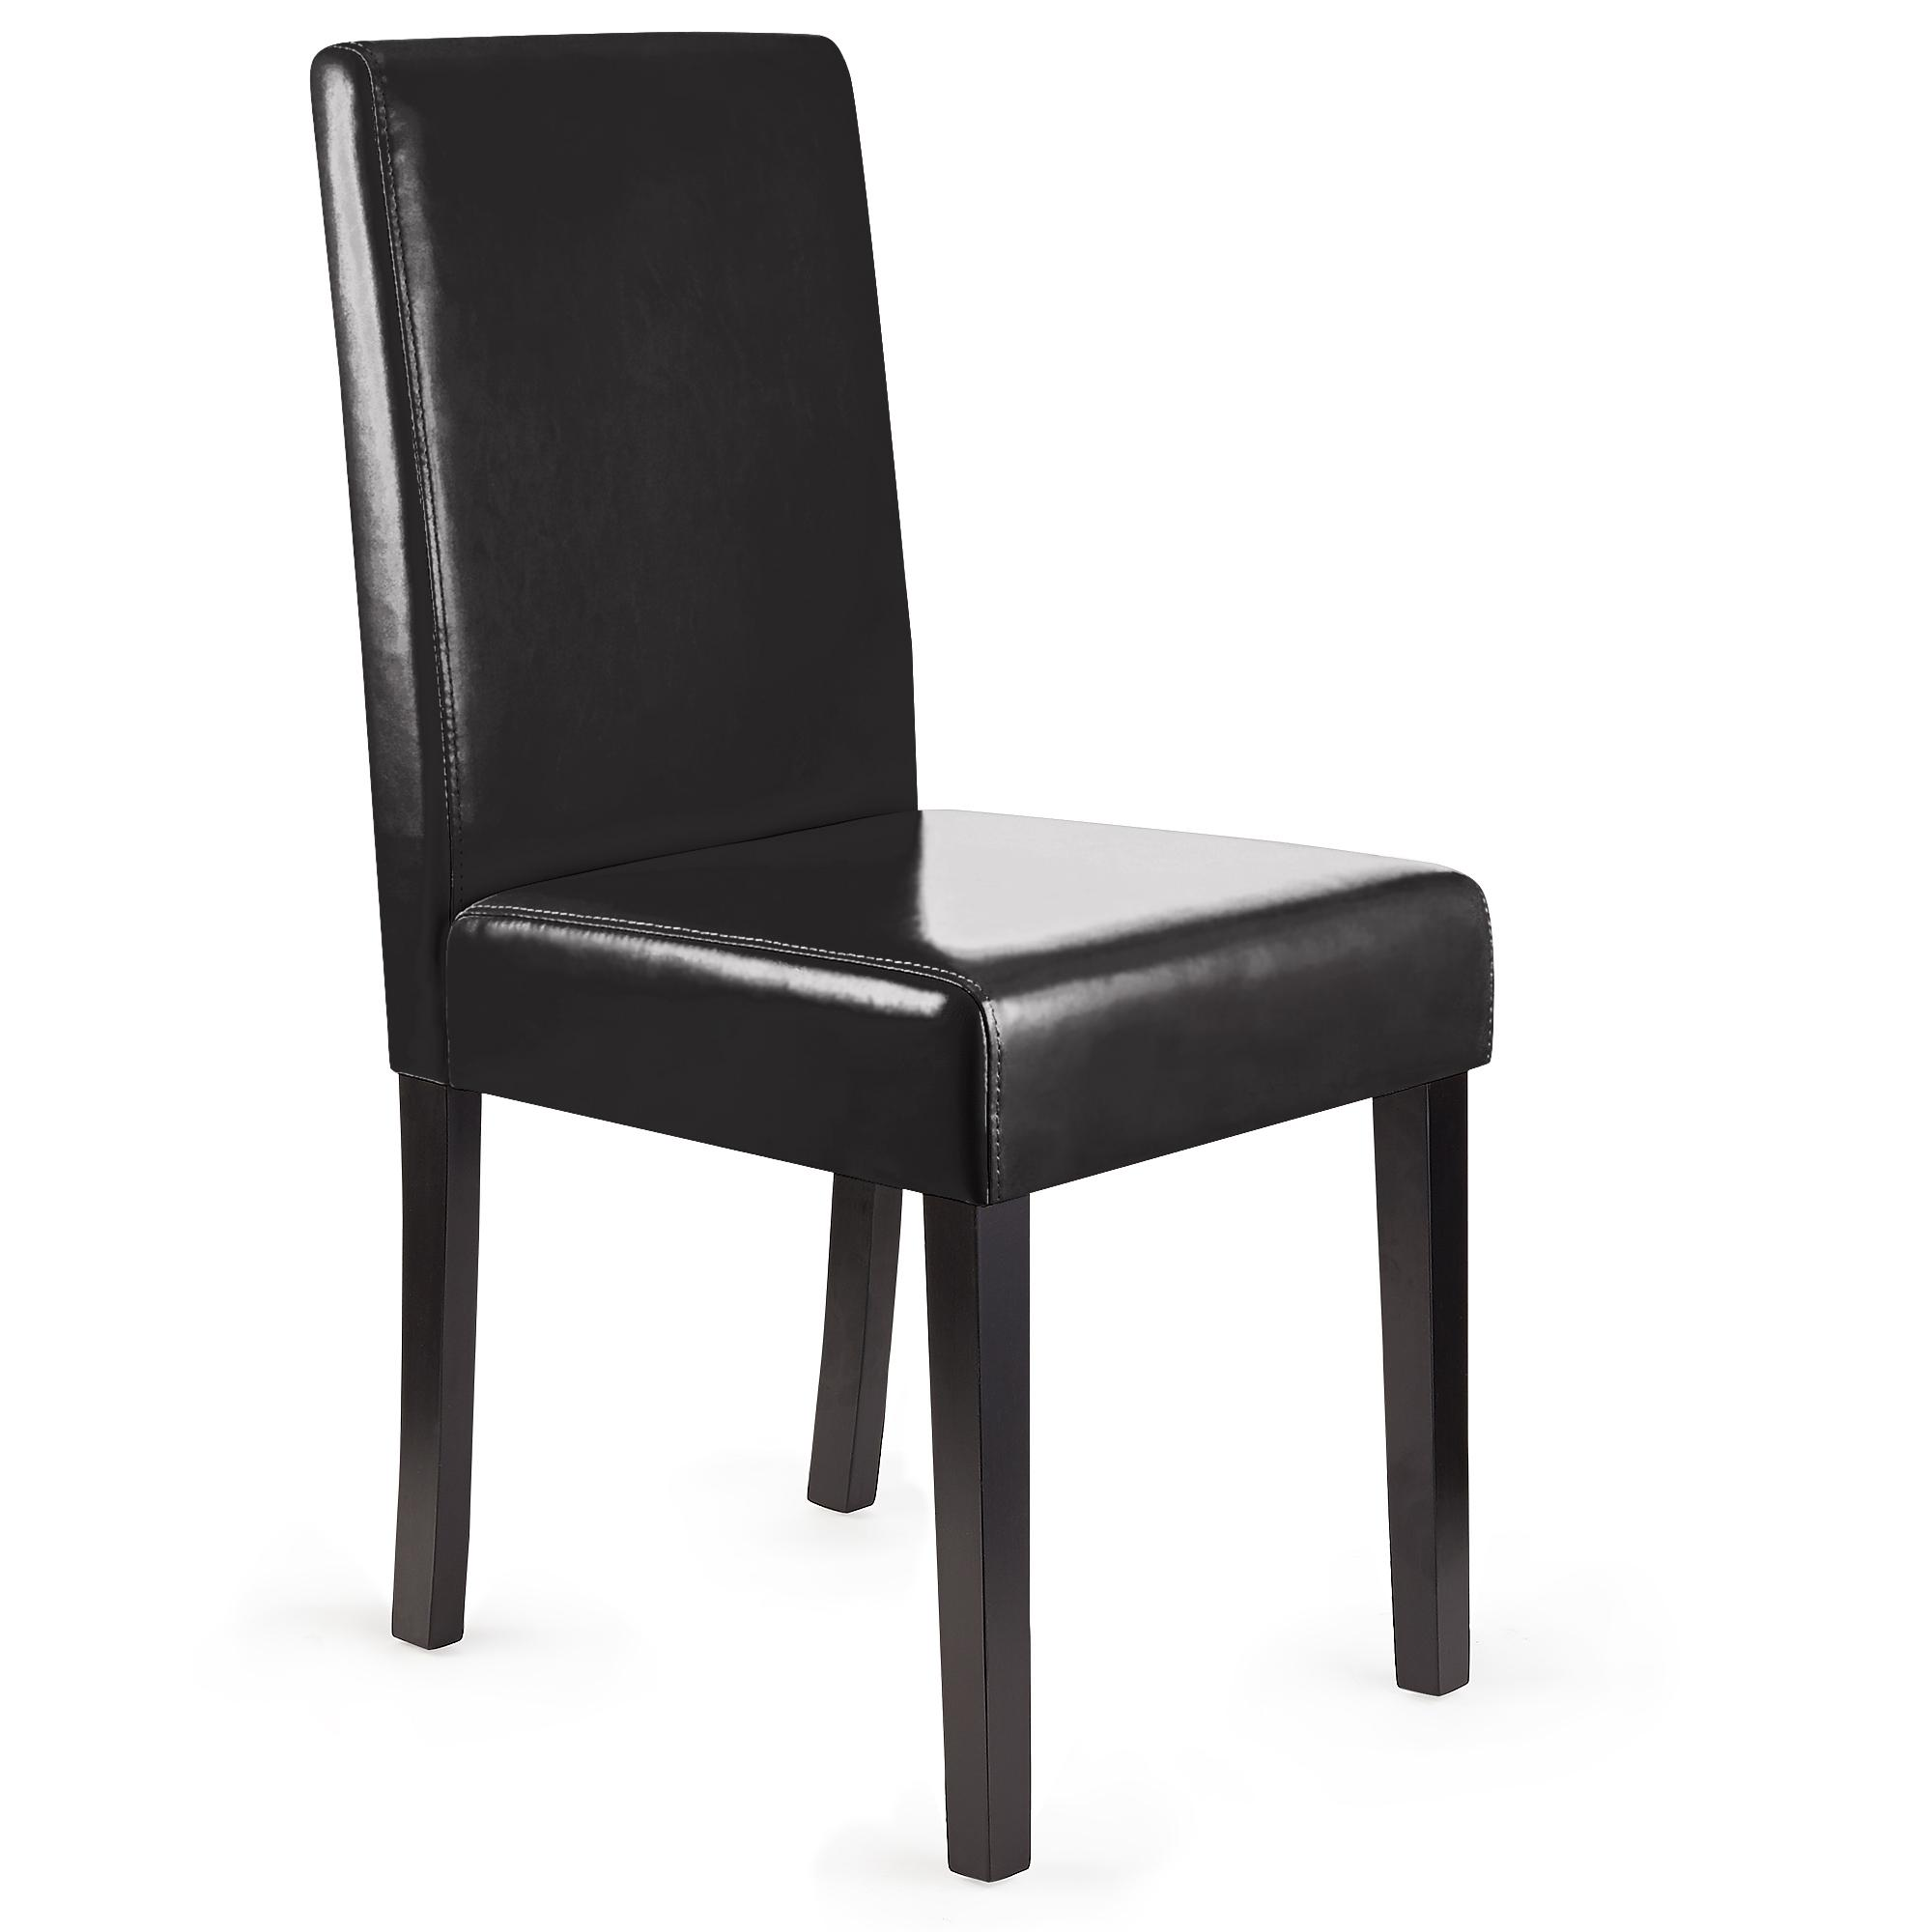 Lote 6 sillas de comedor litau piel natural piel negra y - Sillas comedor piel ...